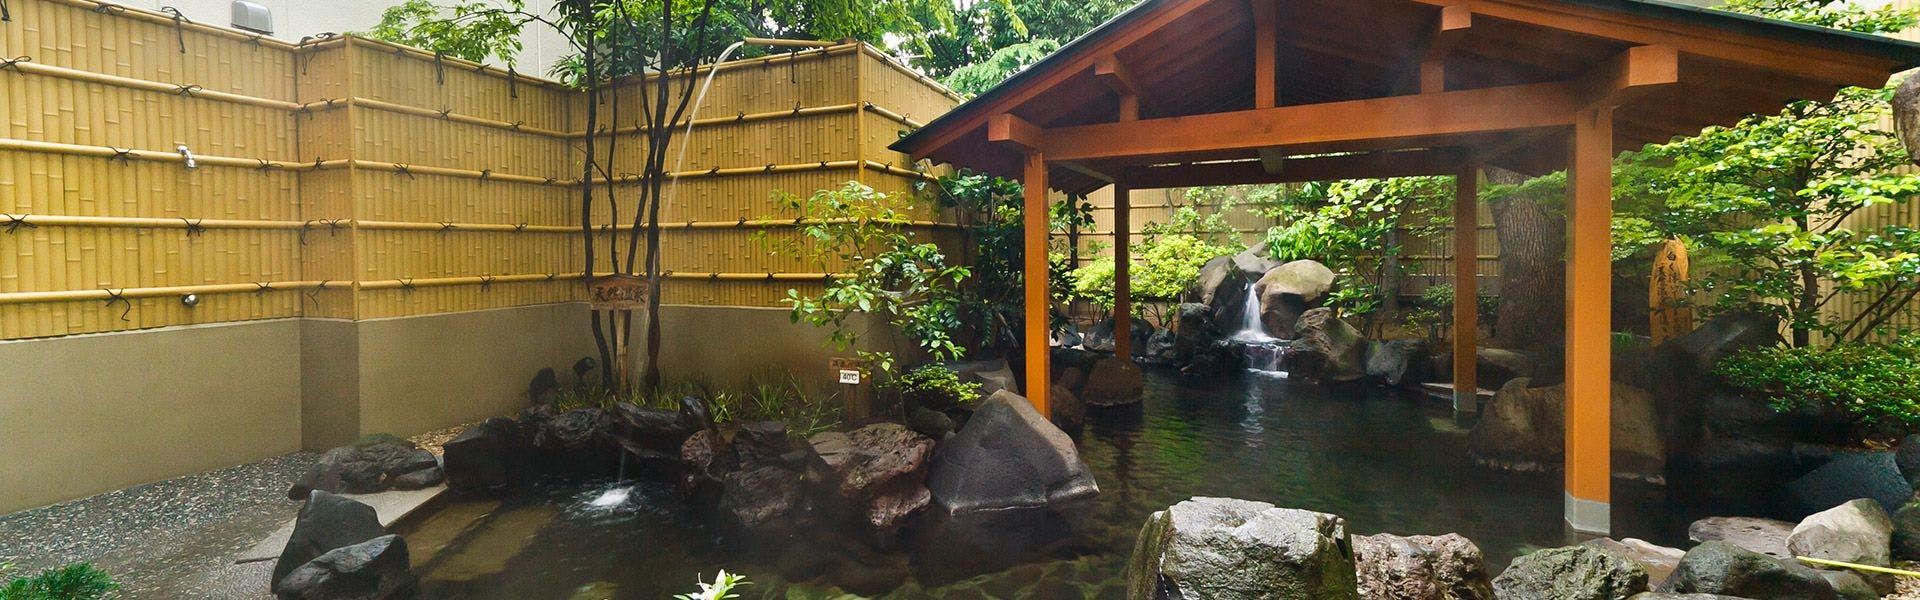 記念日におすすめのホテル・石和温泉 富士野屋夕亭の写真3